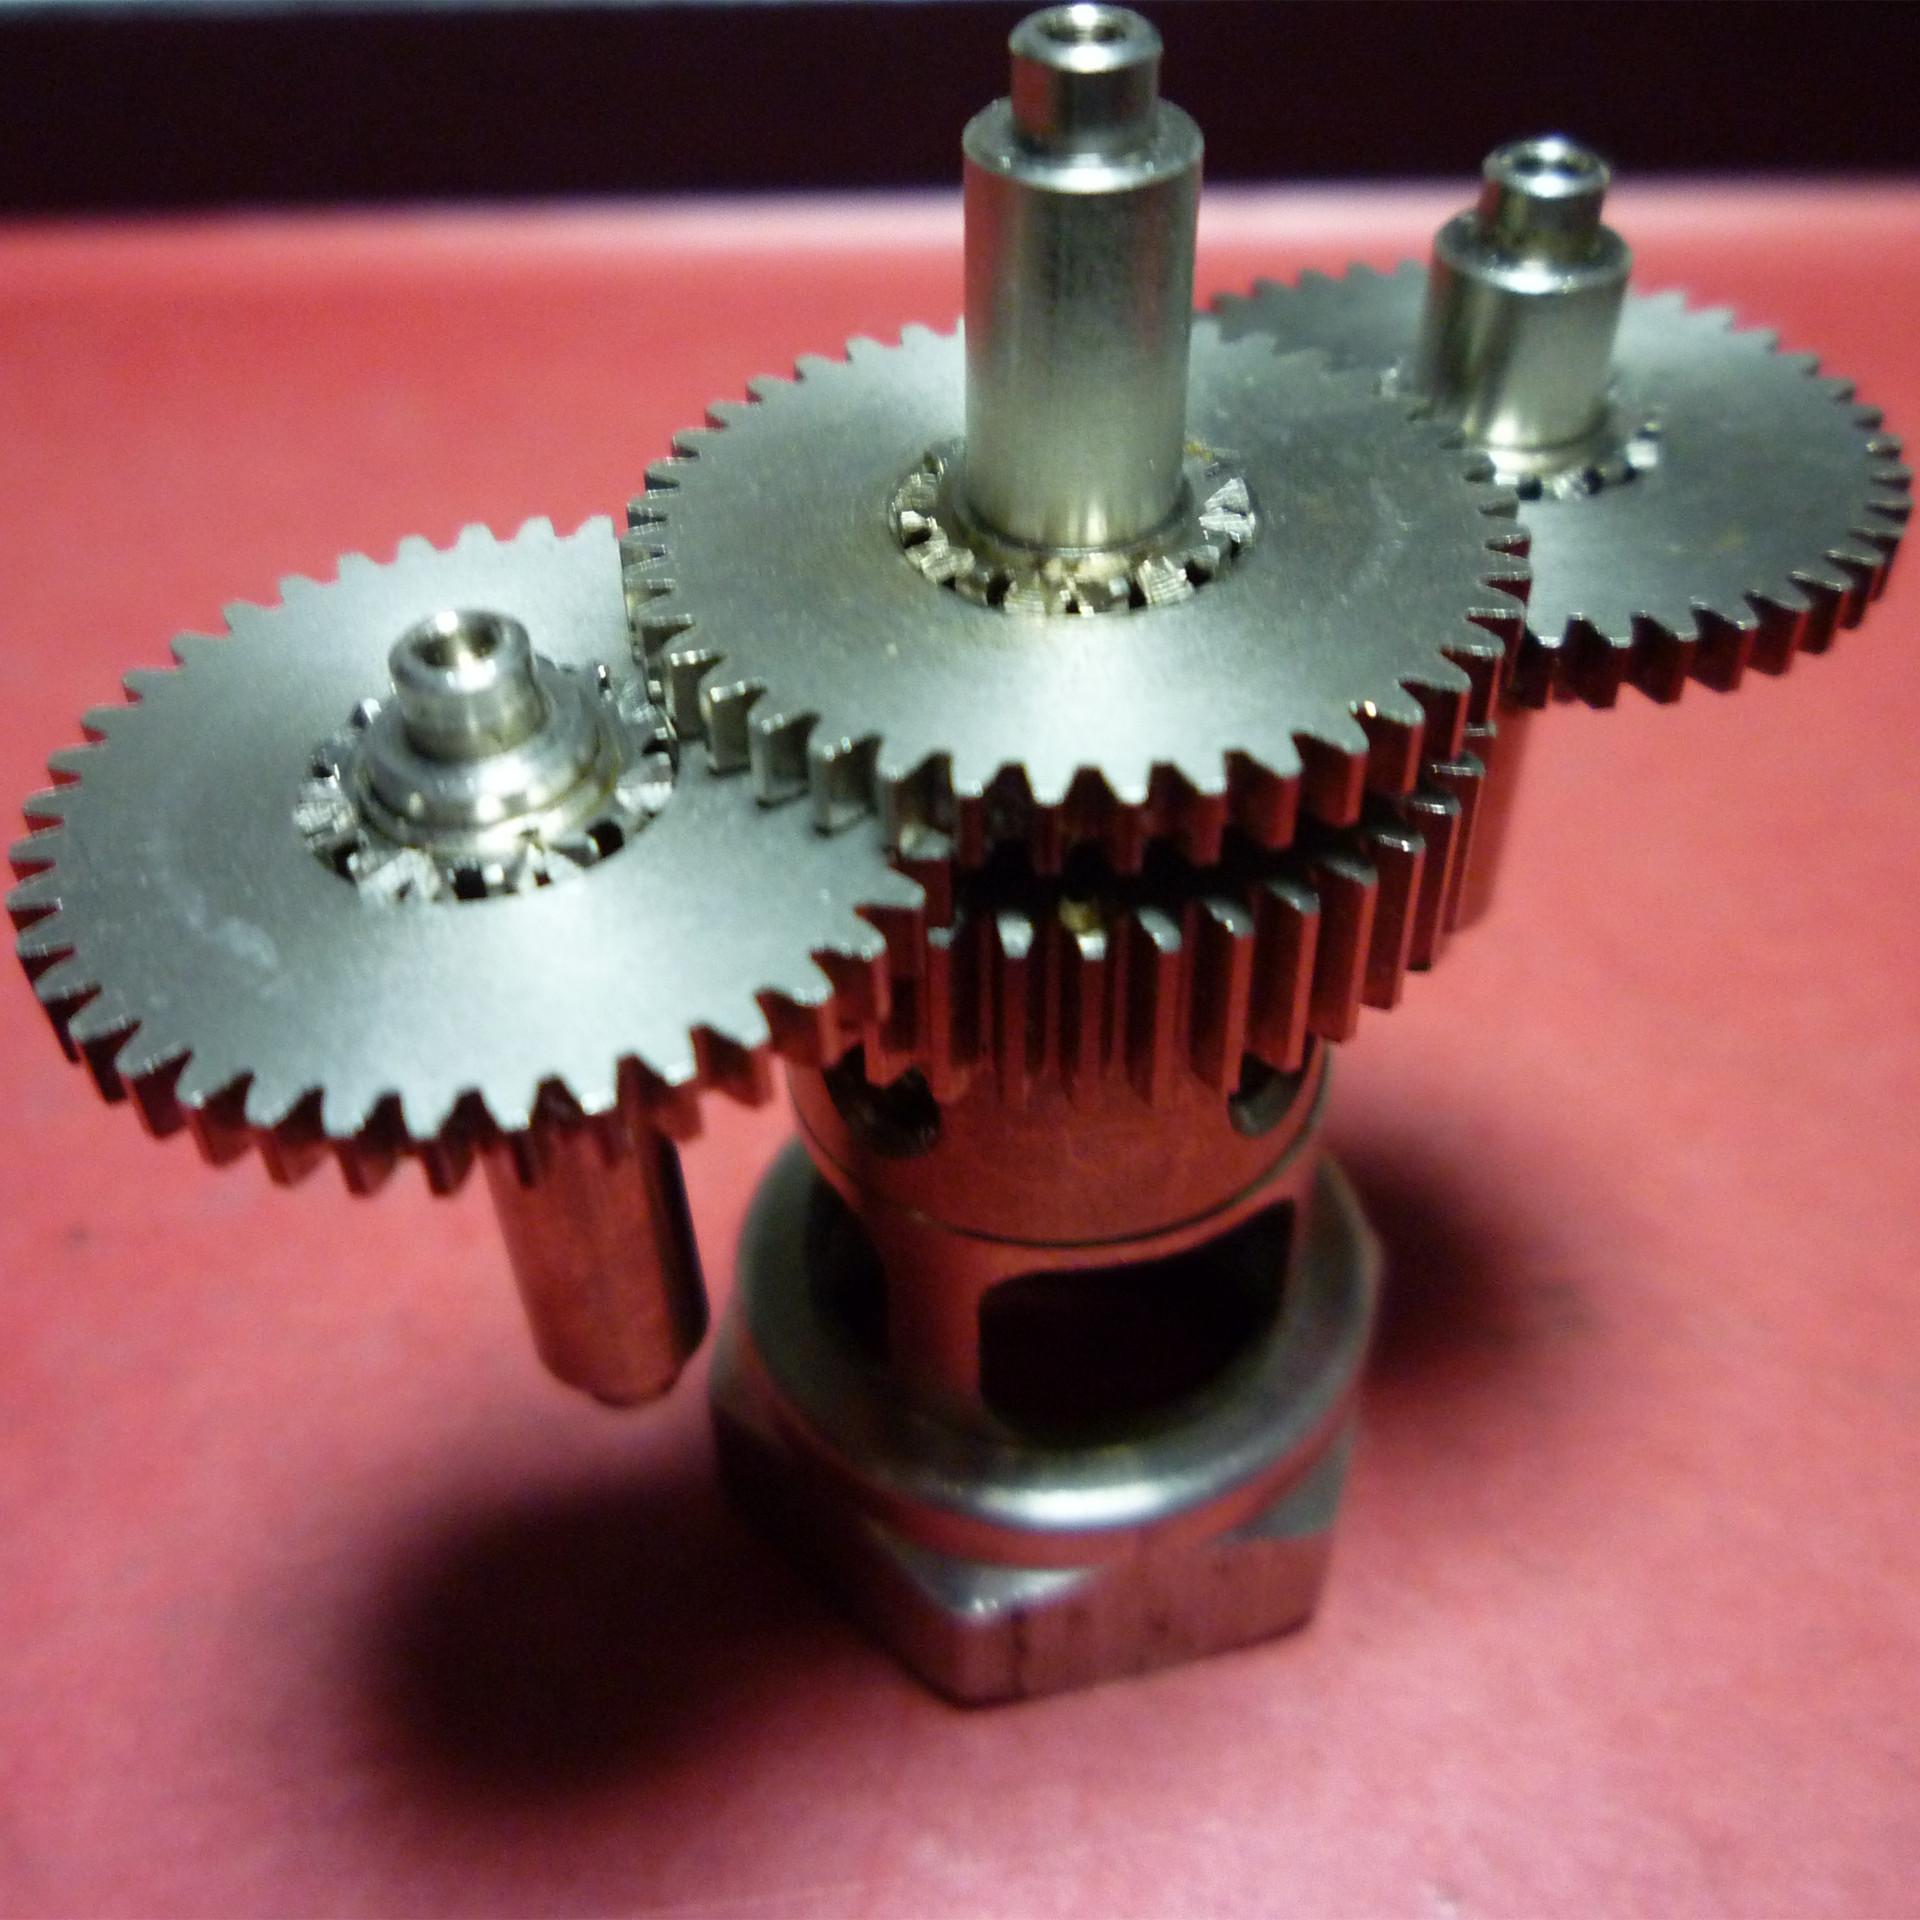 齒輪定做蝸輪定制蝸桿加工渦輪加工 18年非標定制傳動件包修包退